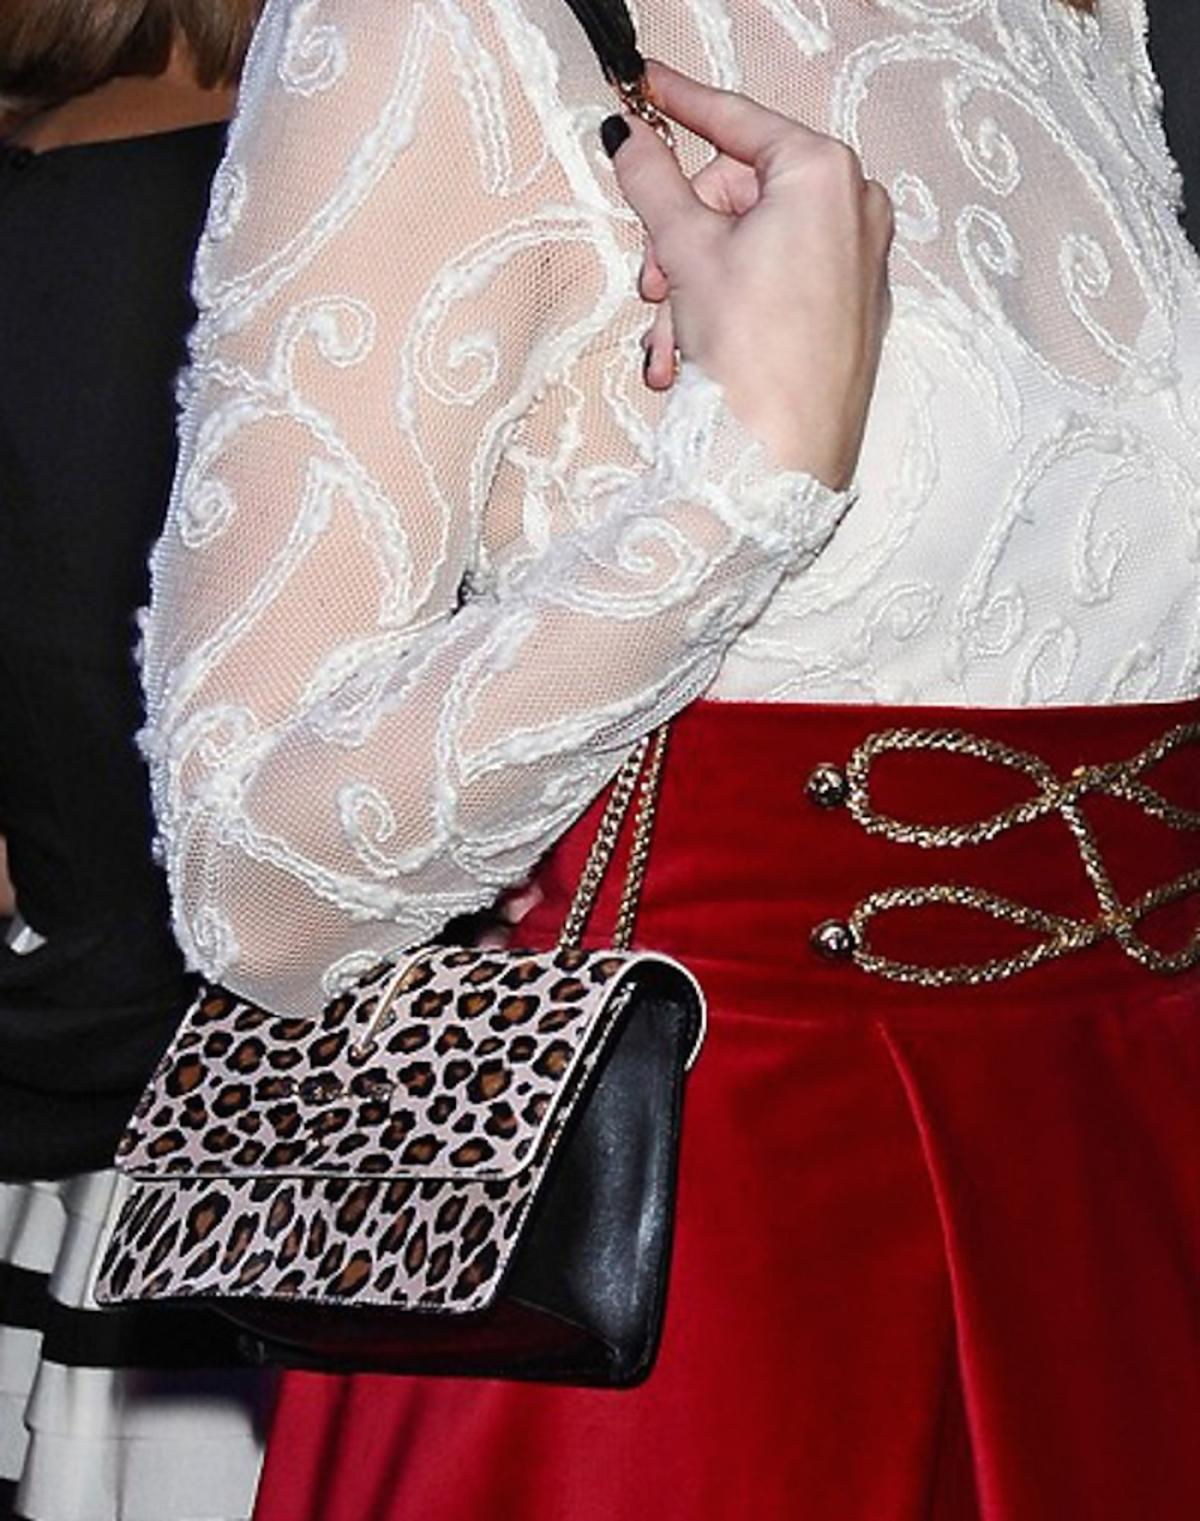 Halinki Mlynkowej w białej koronkowej bluzce, czerwonej spódnicy, celistych szpilkach z torbą w panterkę